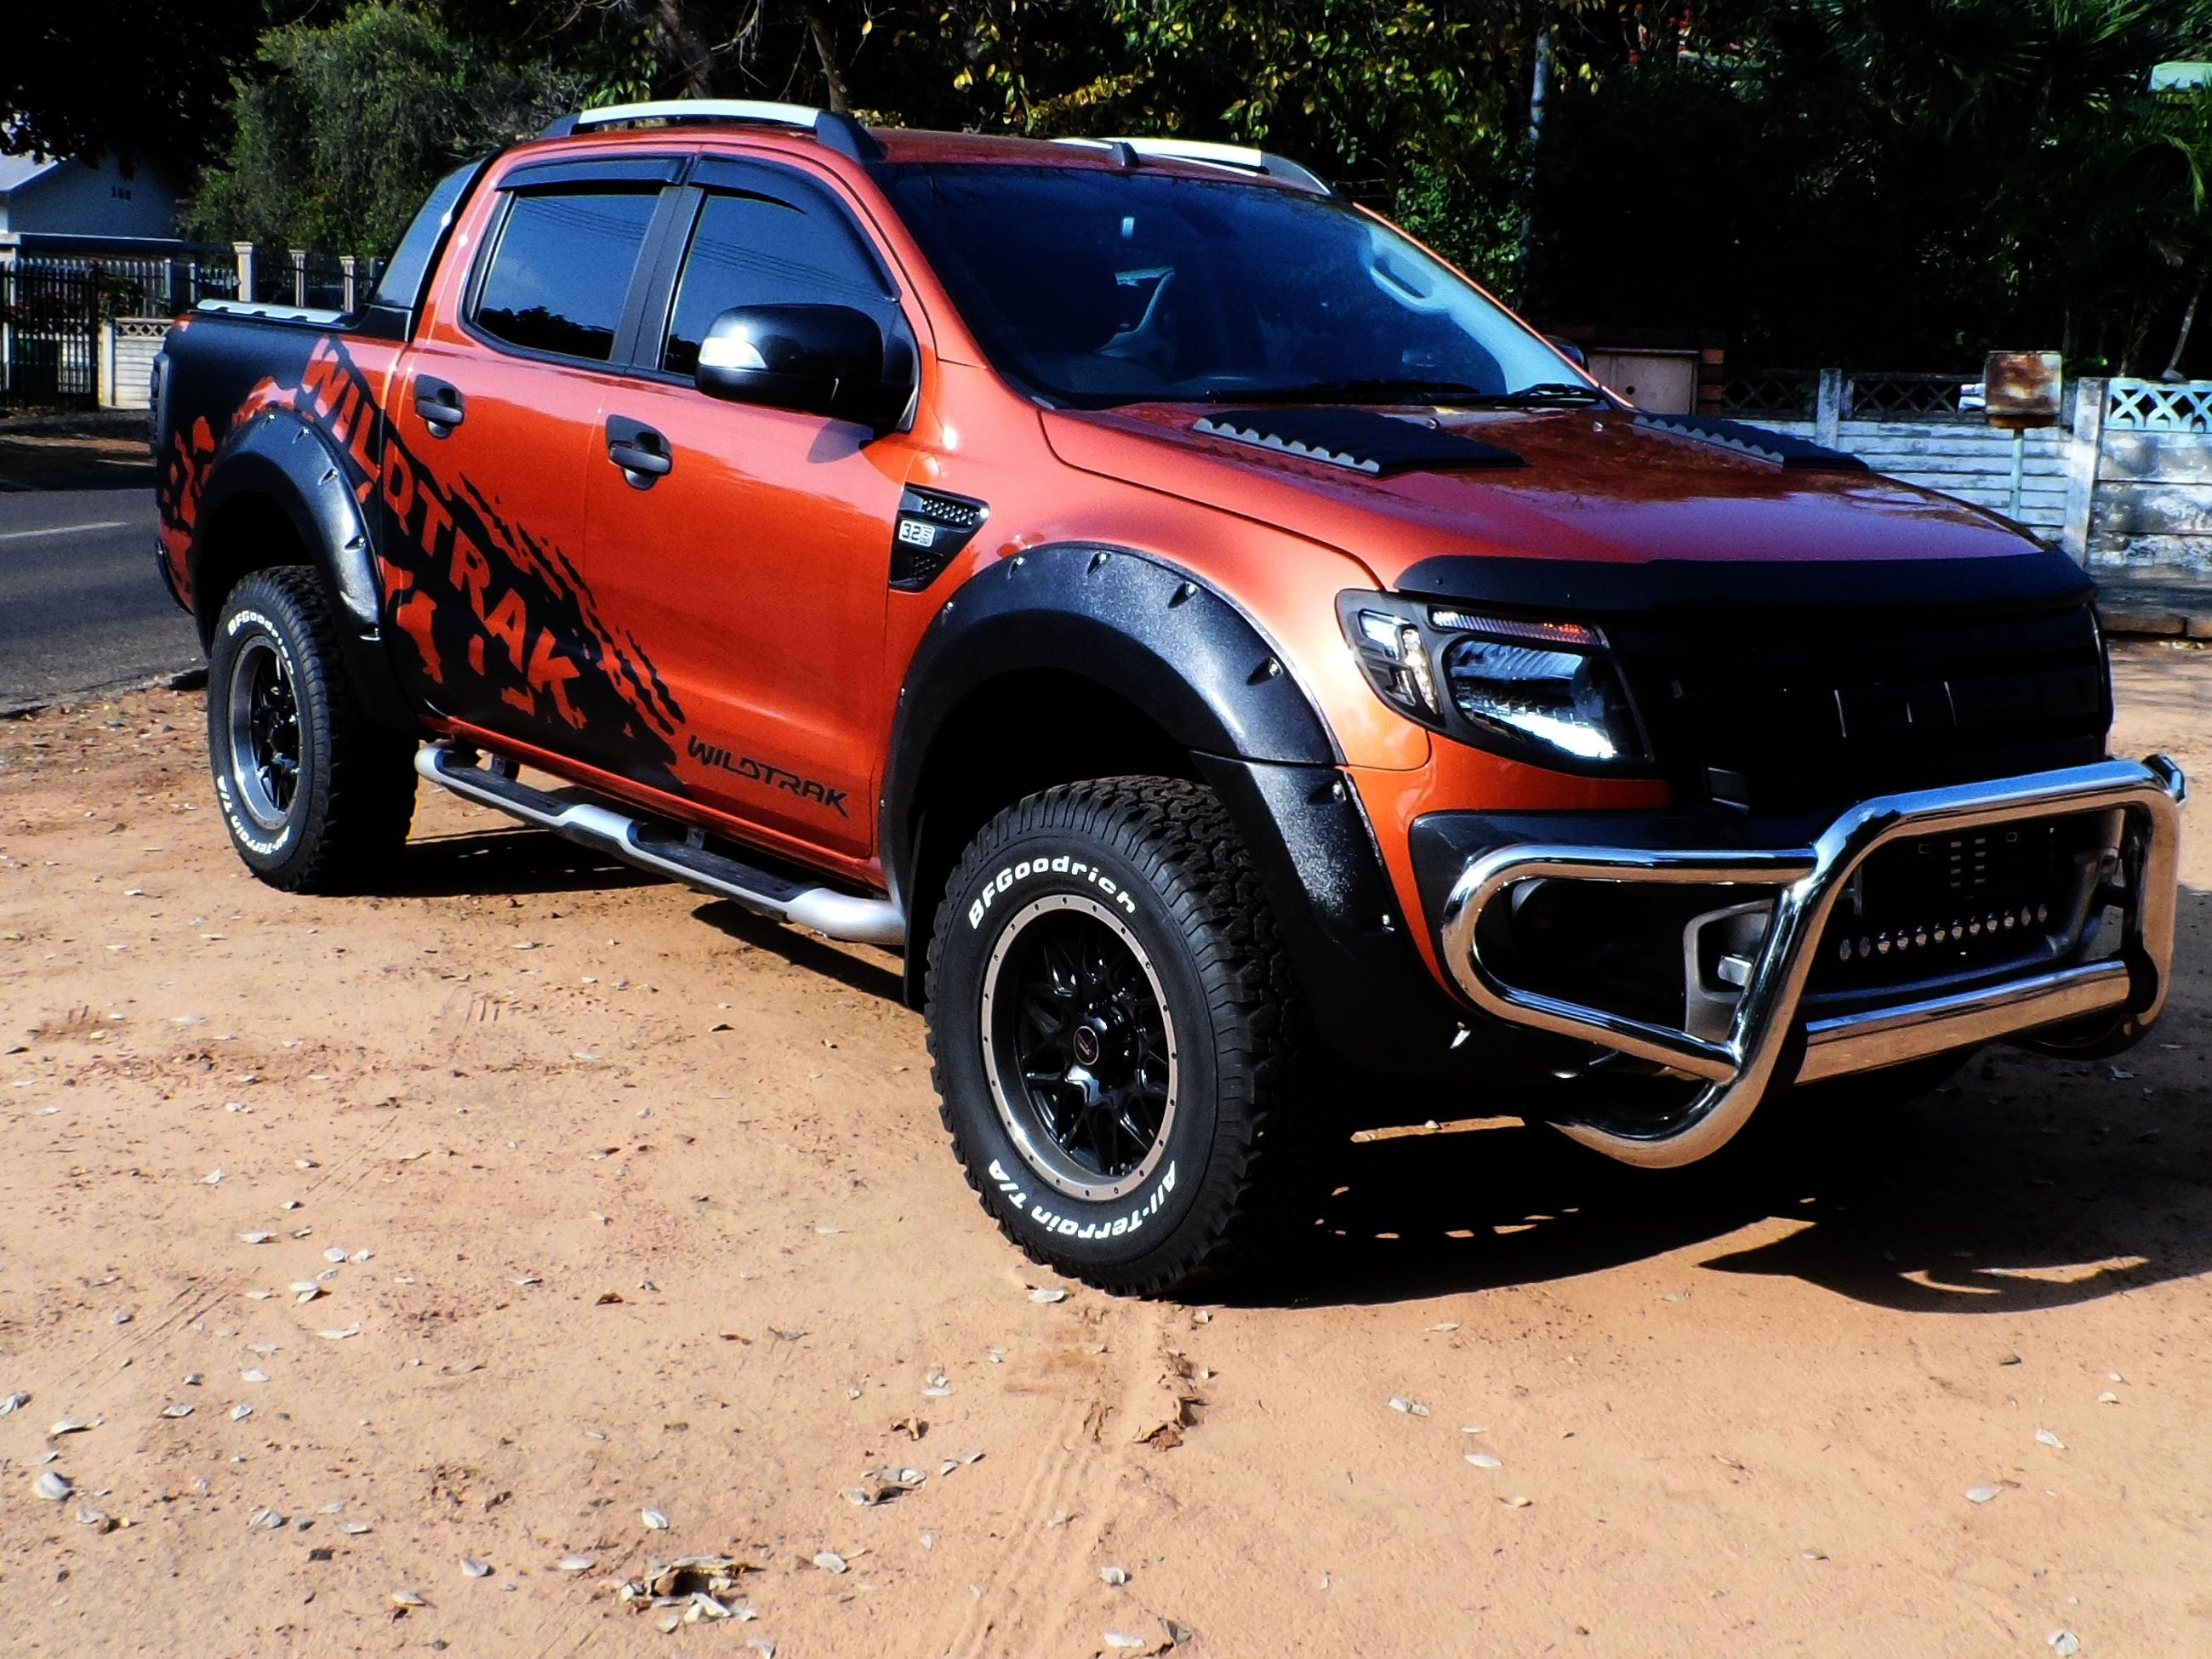 2015 ford ranger wildtrak 3 2 a d c http www dadasmotorland co za ford ranger wildtrak 3 2 a d c used automatic for sale benoni gauteng_vid_5